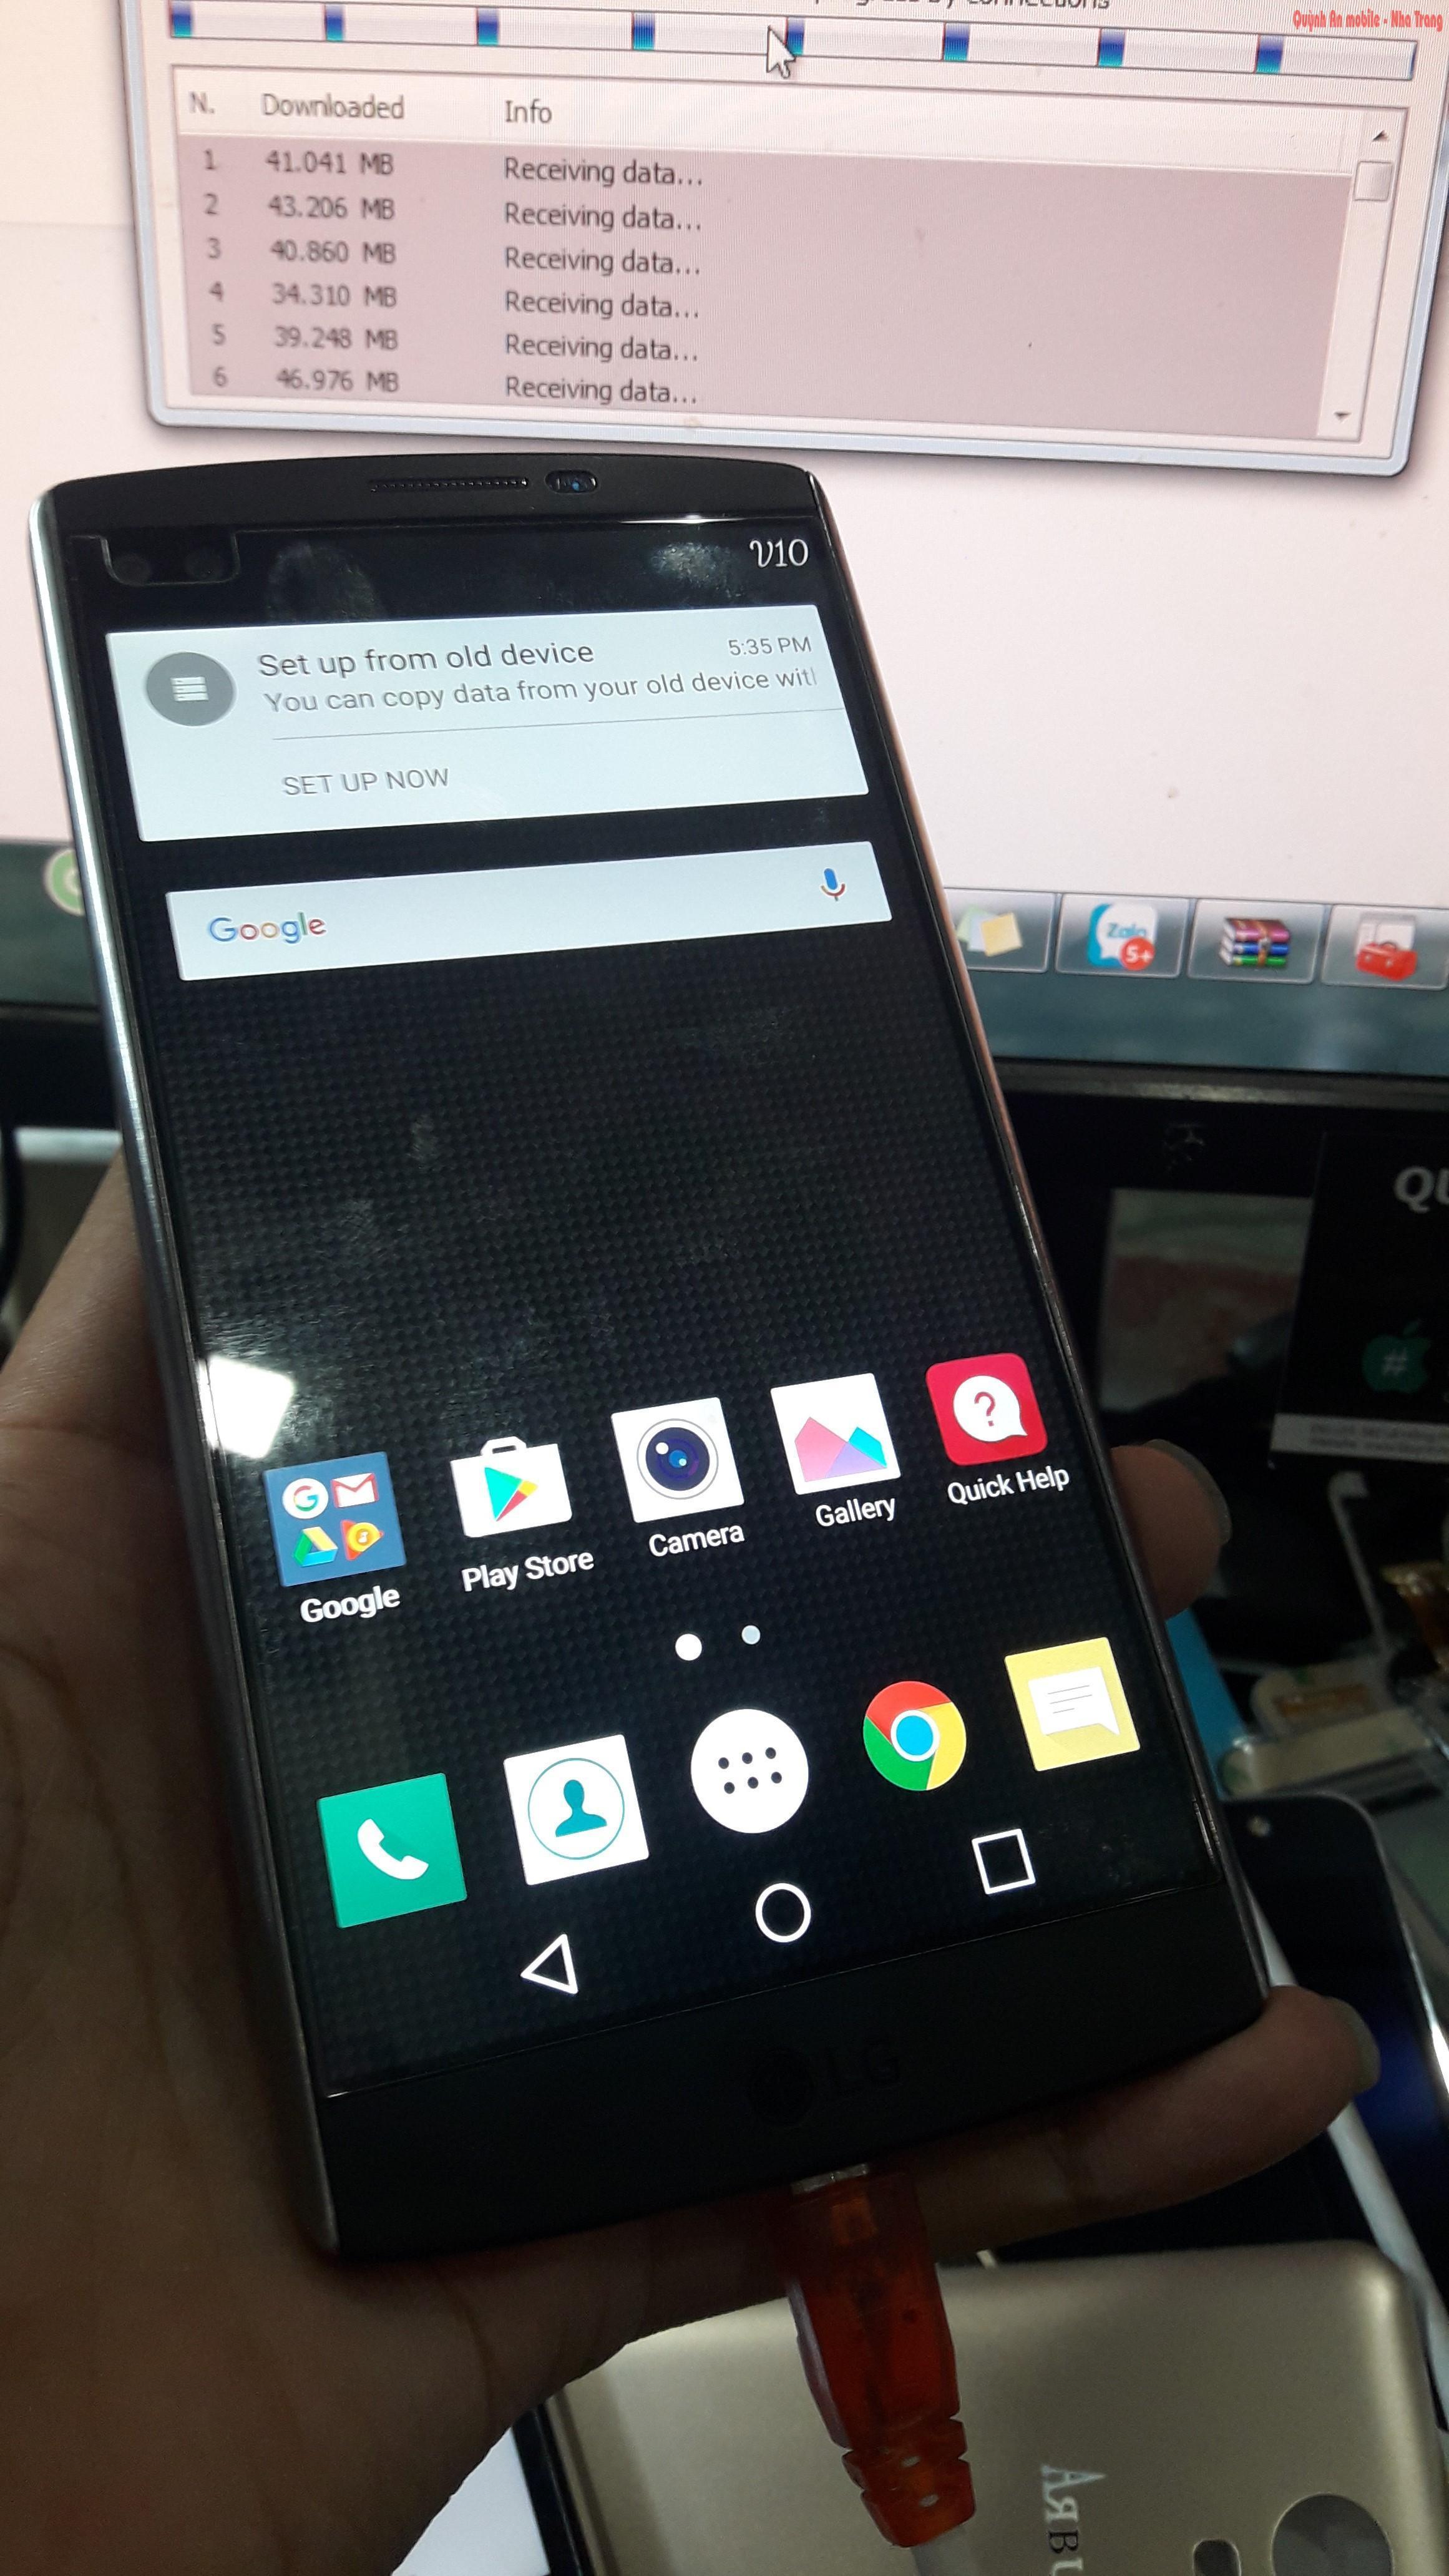 Xóa tài khoản Google cho LG V10 tại Nha Trang bằng thiết bị chuyên dụng, chờ lấy ngay.